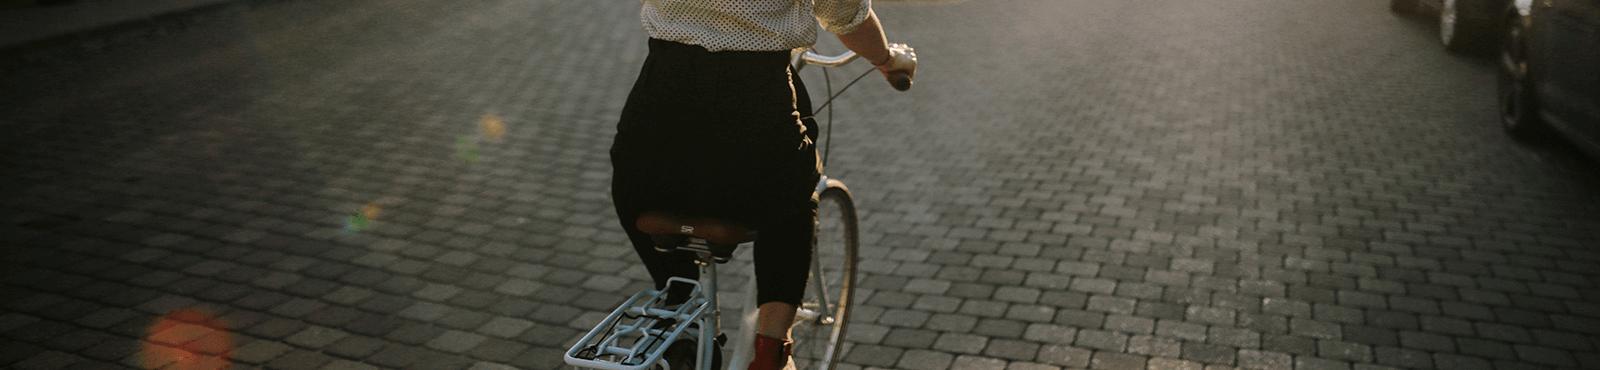 E-Bike als Gehaltszulage: Gesund, schnell & steuerfrei